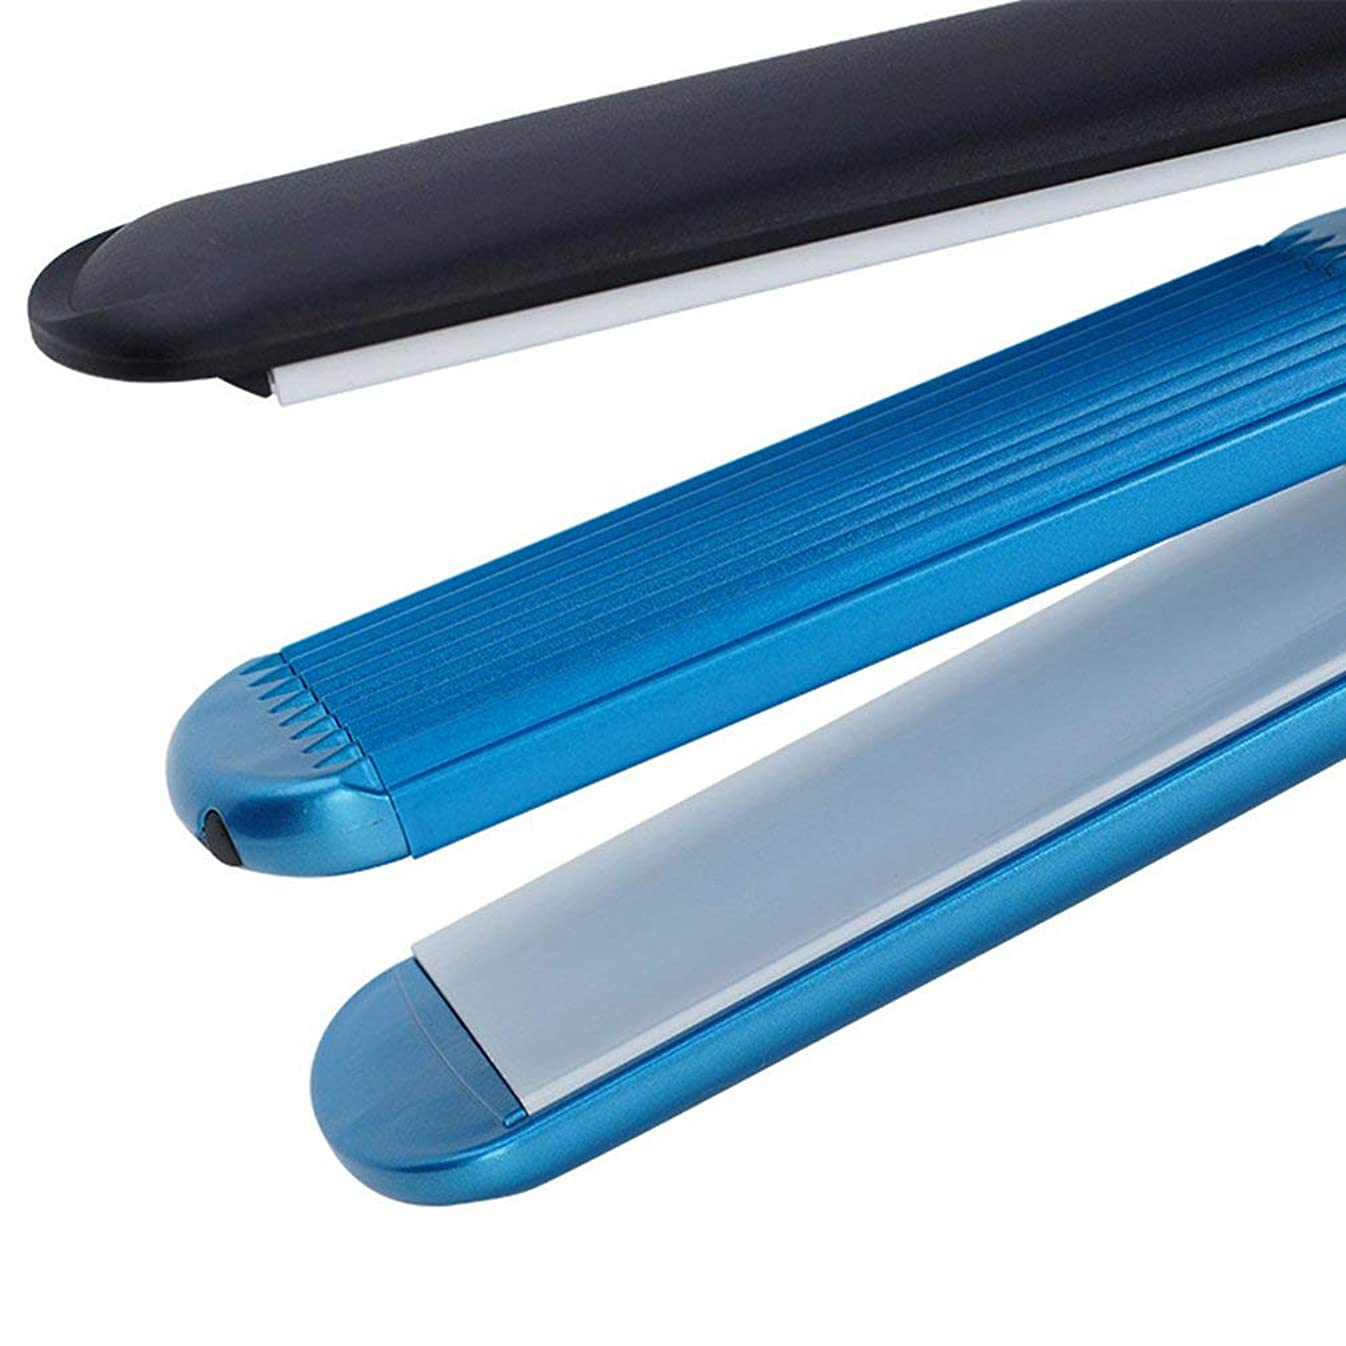 失速刺繍突然ストレートヘアアイロンストレートヘアアイロン/ストレートヘアカーラー/温度制御ロック機能/高速加熱/LCDディスプレイ燃焼/帯電防止(耐熱シリコンカバー)